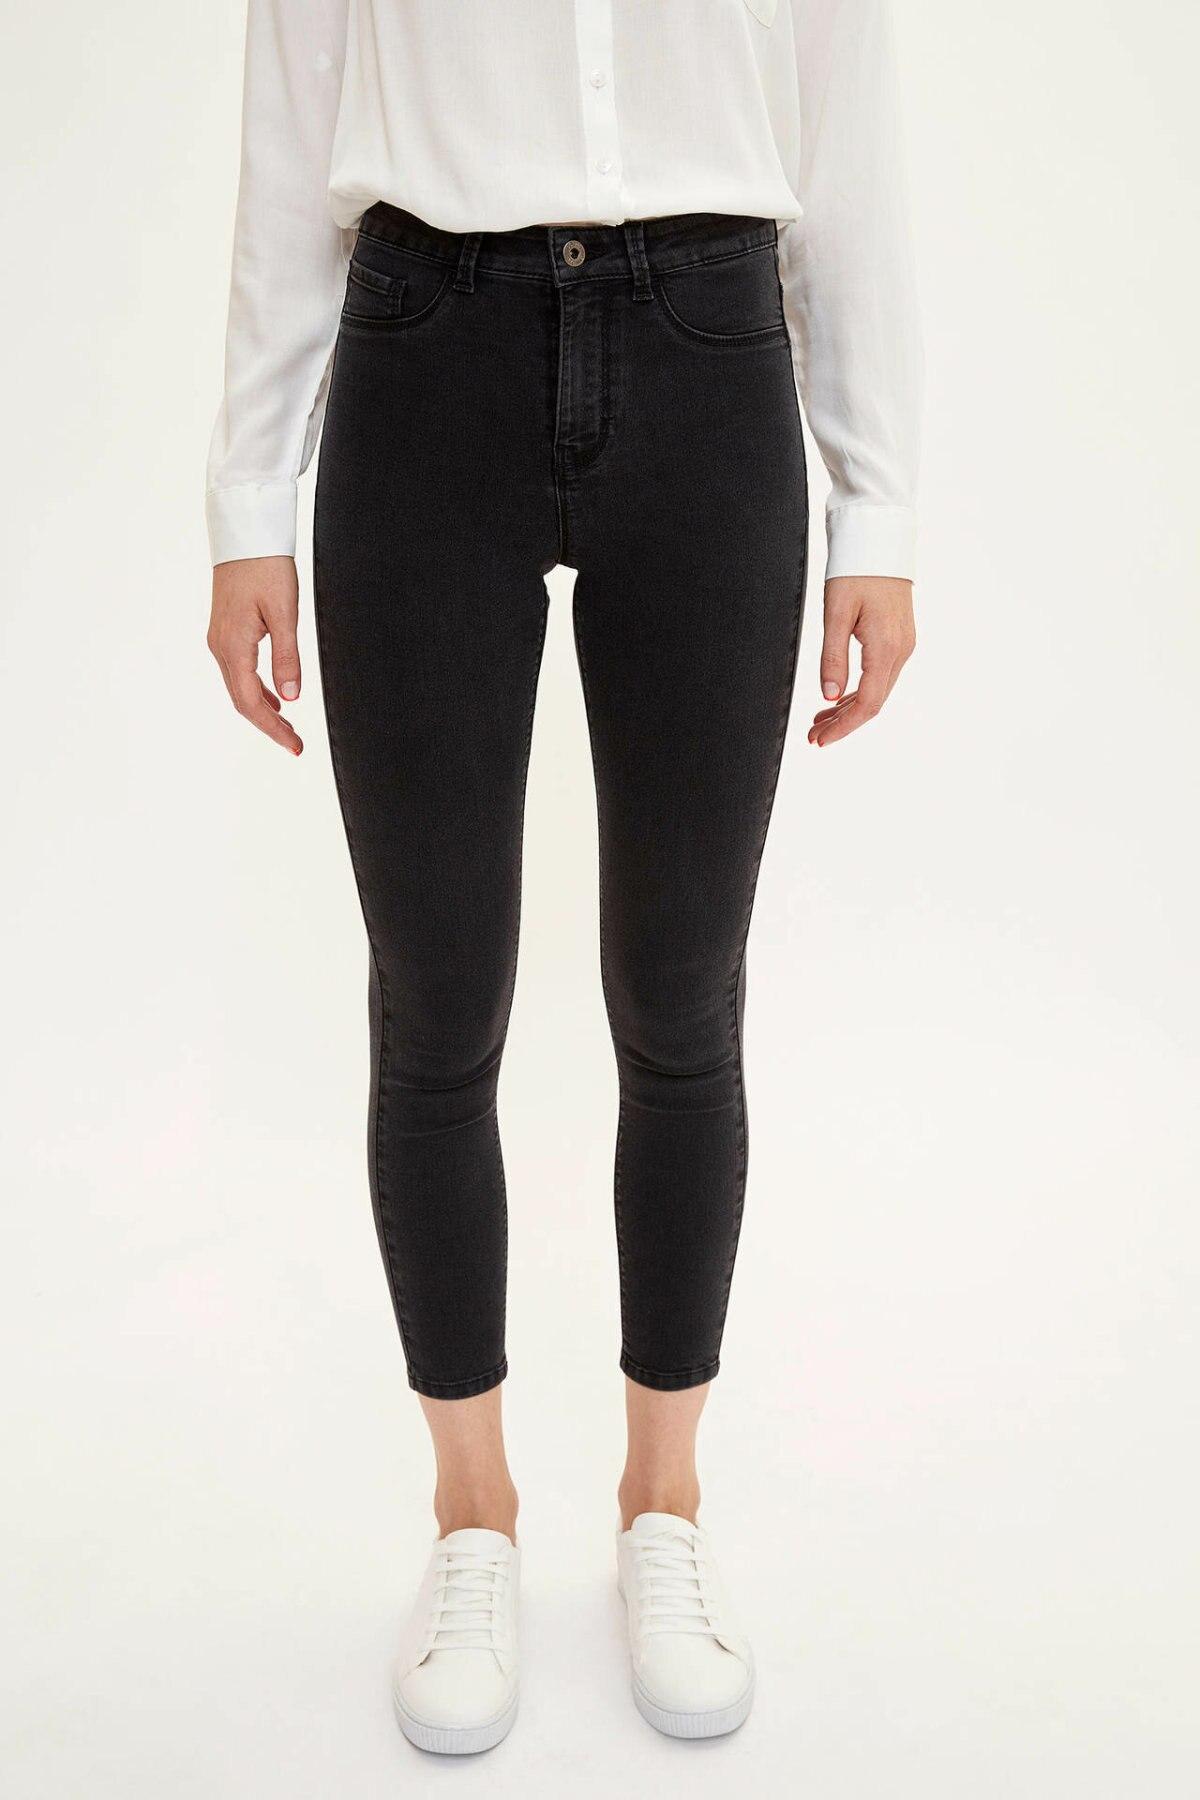 DeFacto Black Blue Women Mid-waist Skinny Denim Jeans Simple Nine Minutes Trousers Stretch Pencil Pants Joker -L0598AZ19AU-L0598AZ19AU